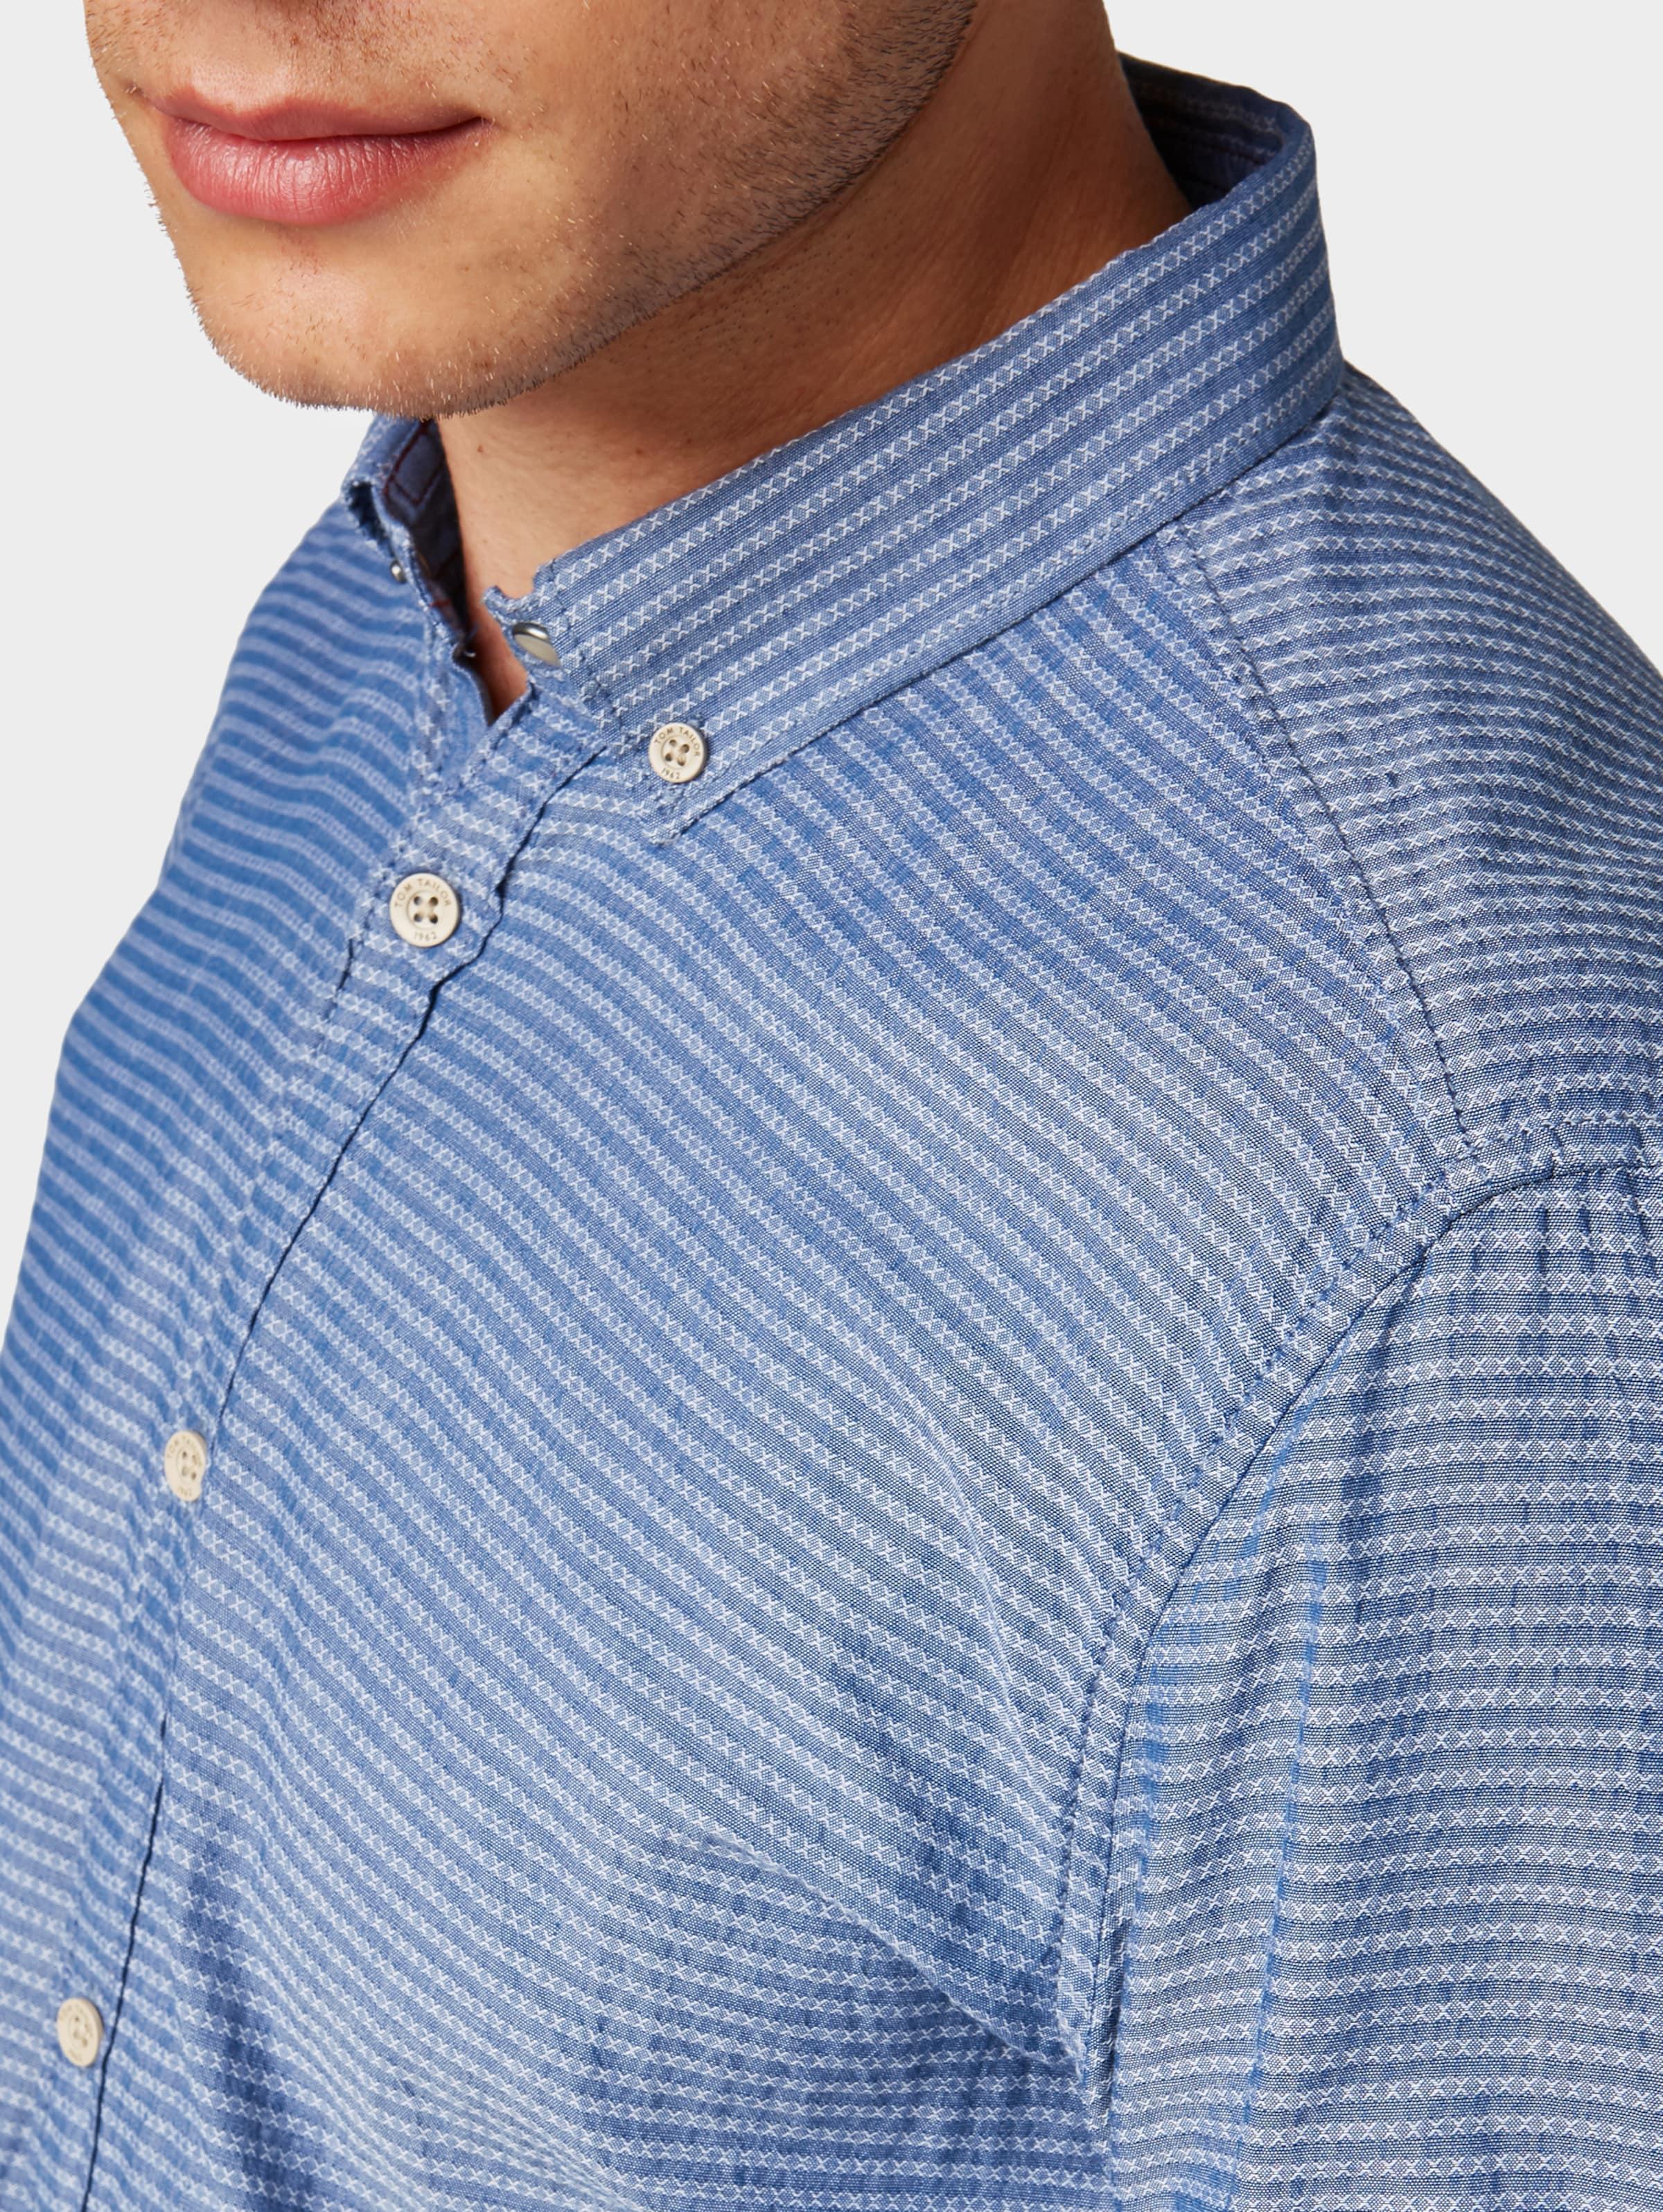 Blau Tailor Tailor Kurzarmhemd Blau Tom Tom Kurzarmhemd In In pjUzLqVSMG